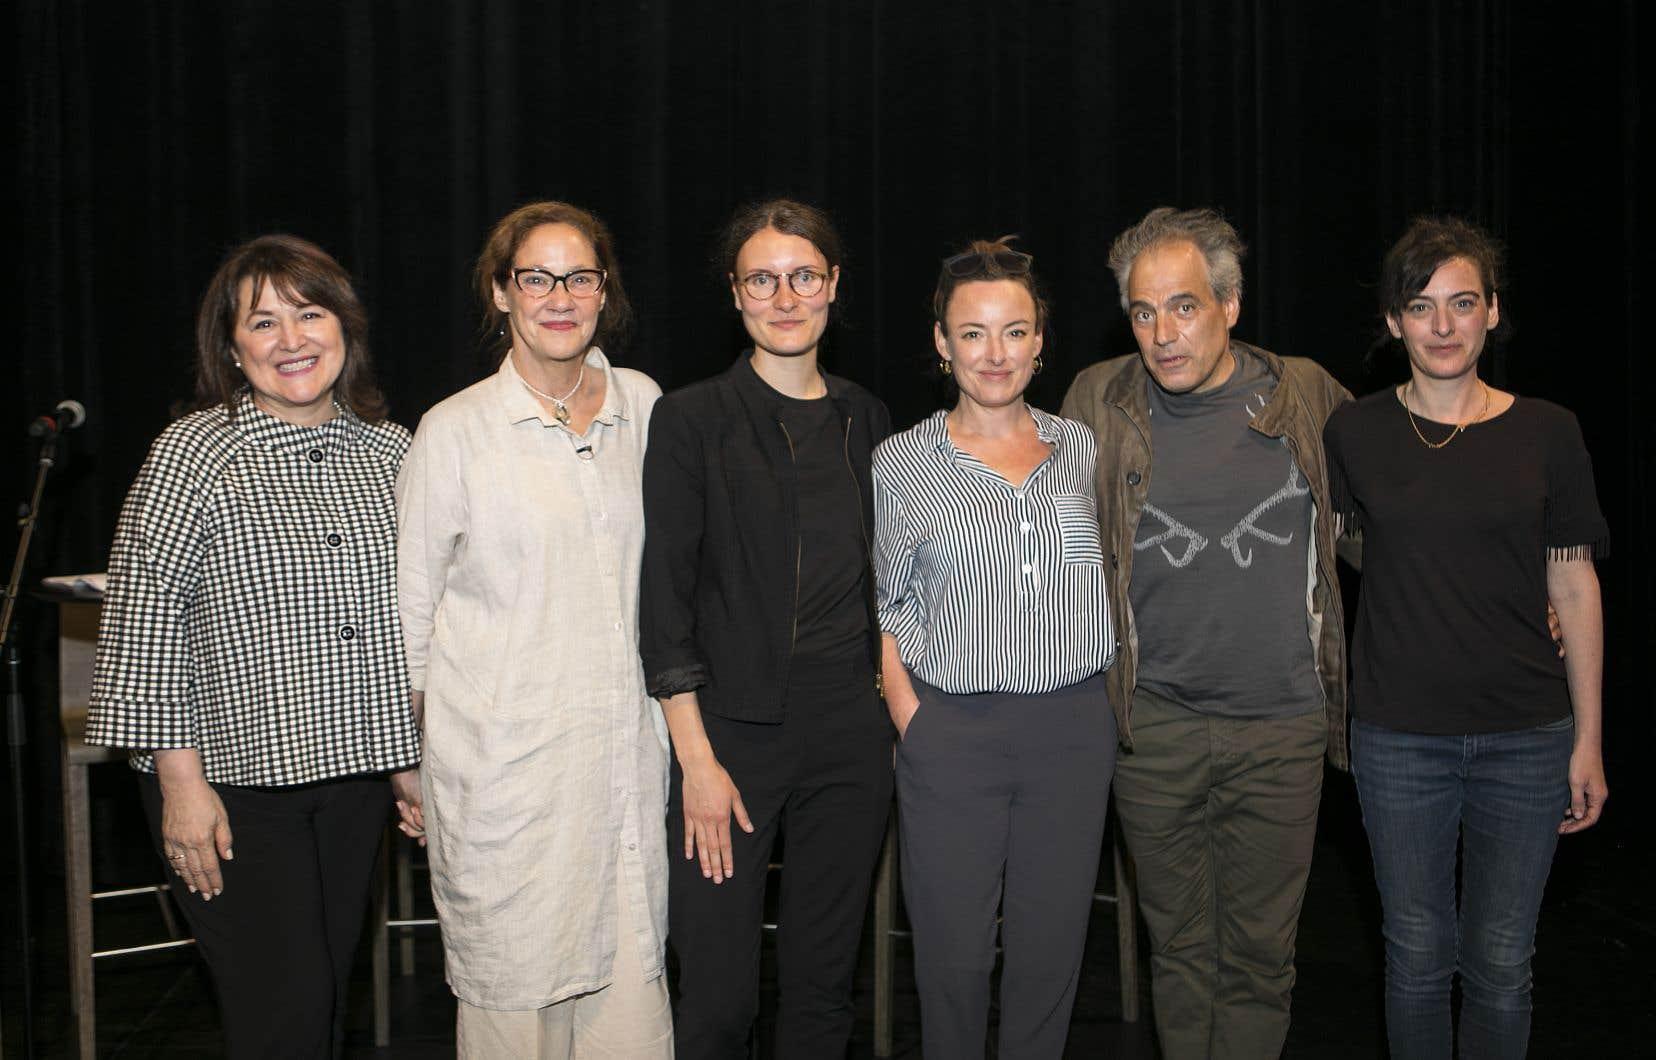 De gauche à droite: la soprano Chantal Lambert, la directrice d'Espace Go, Ginette Noiseux, la metteuse en scène Solène Paré, les comédiens Pascale Bussières et Jean-François Casabonne, et l'auteure Alexia Bürger